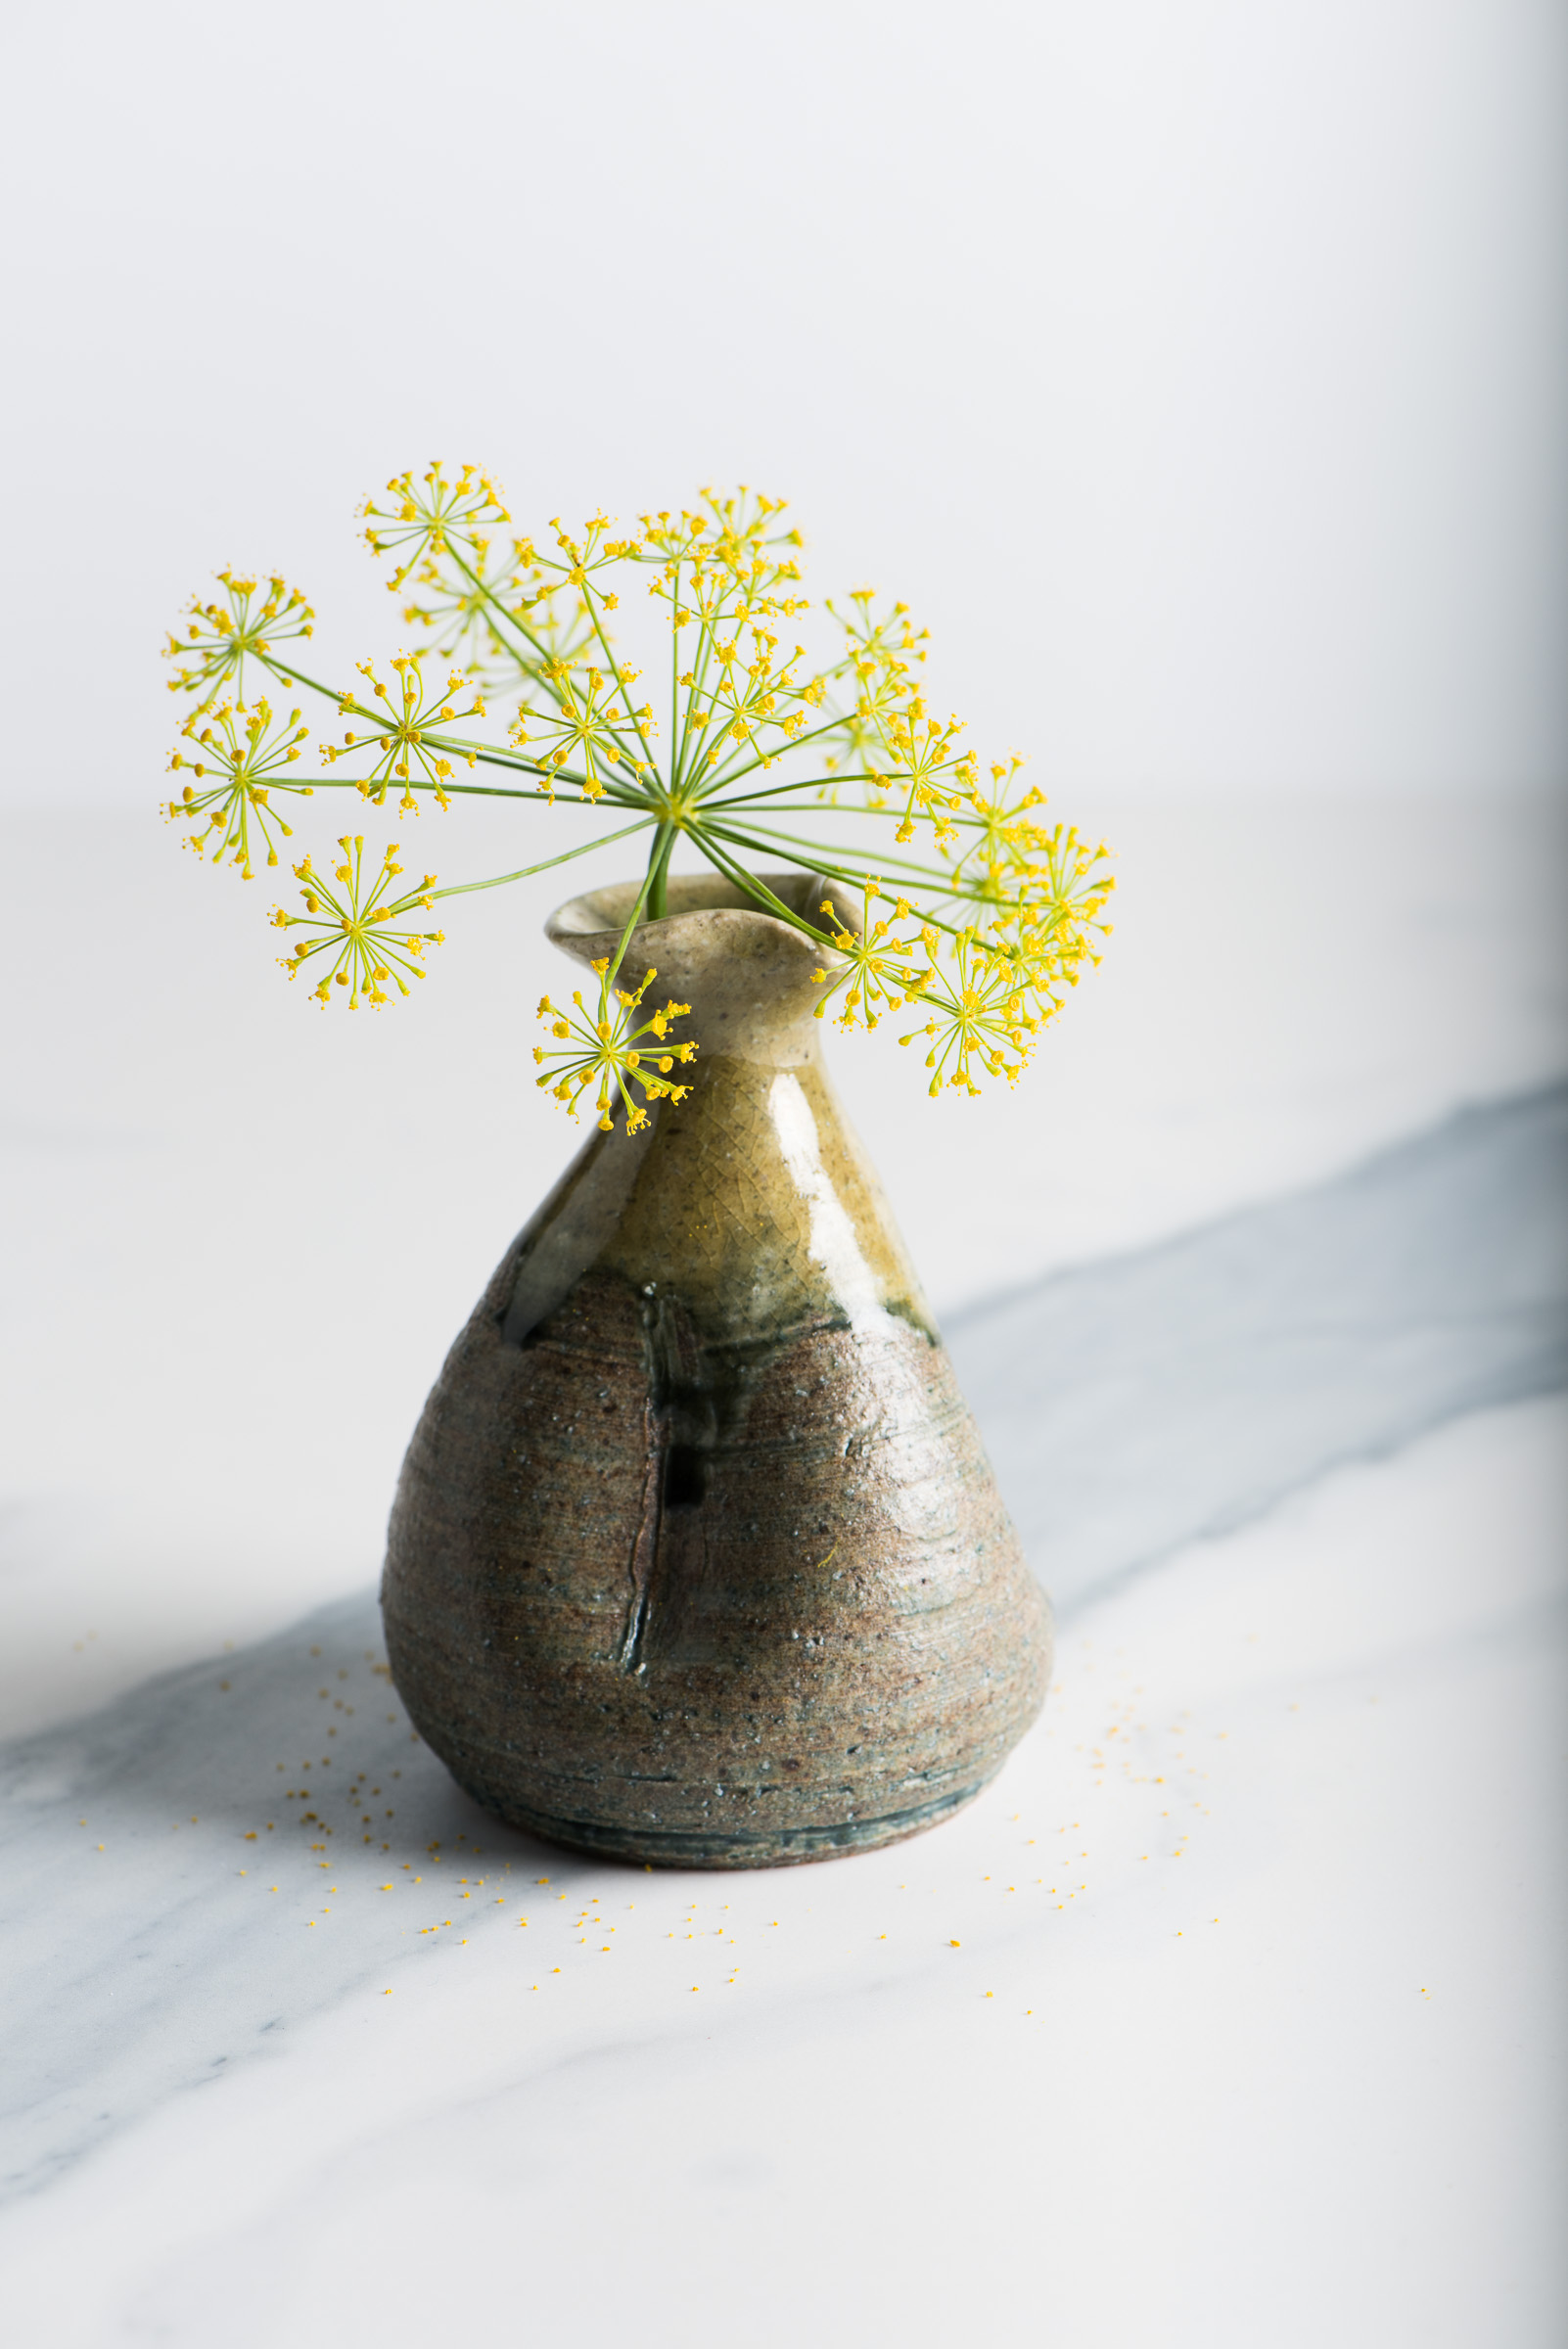 dill-blossom